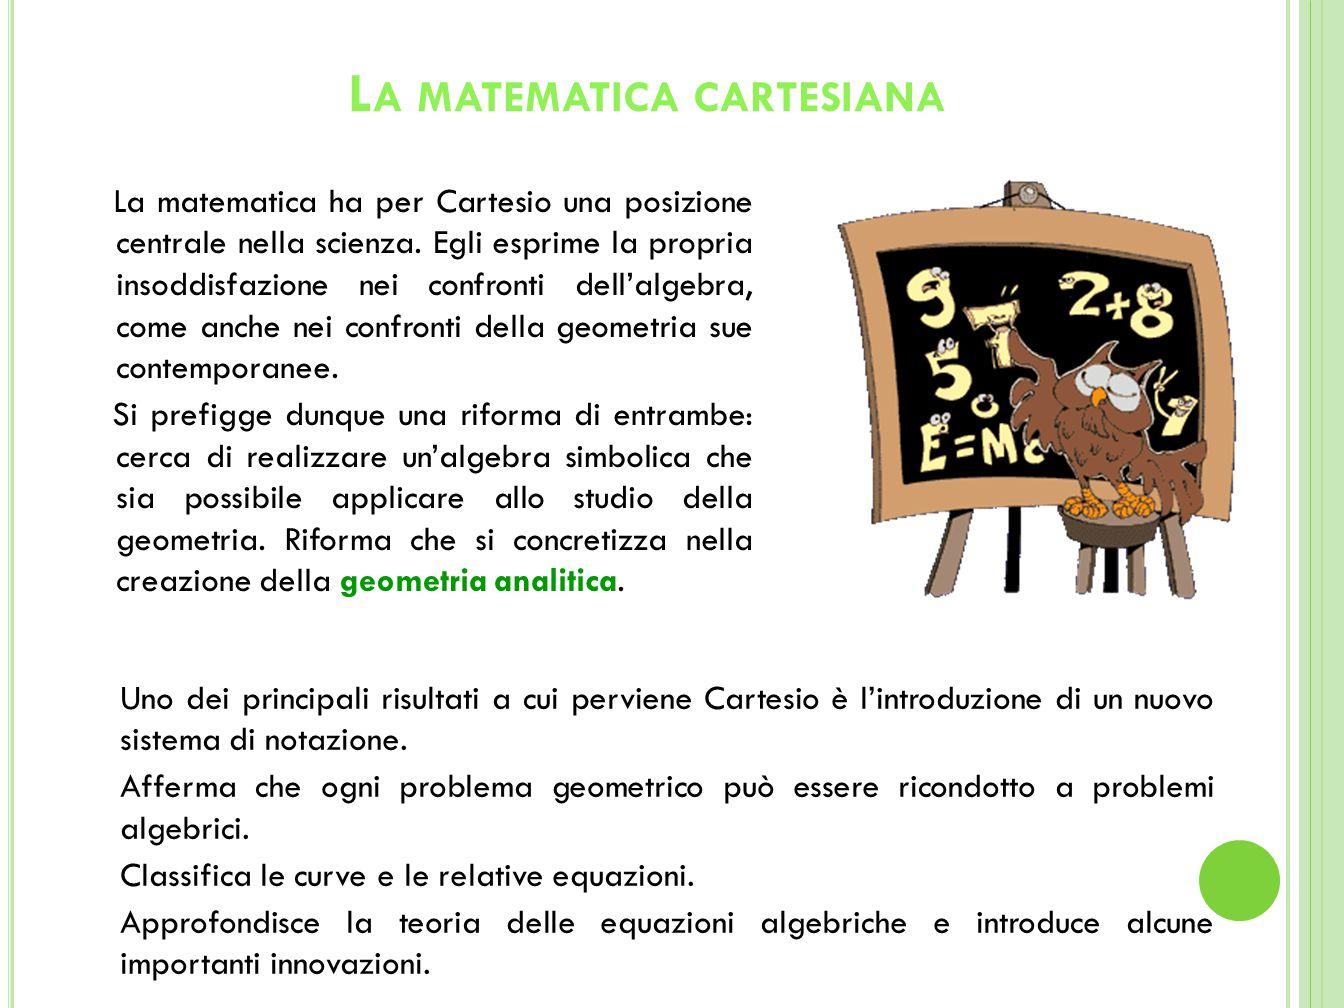 L A MATEMATICA CARTESIANA Uno dei principali risultati a cui perviene Cartesio è l'introduzione di un nuovo sistema di notazione.